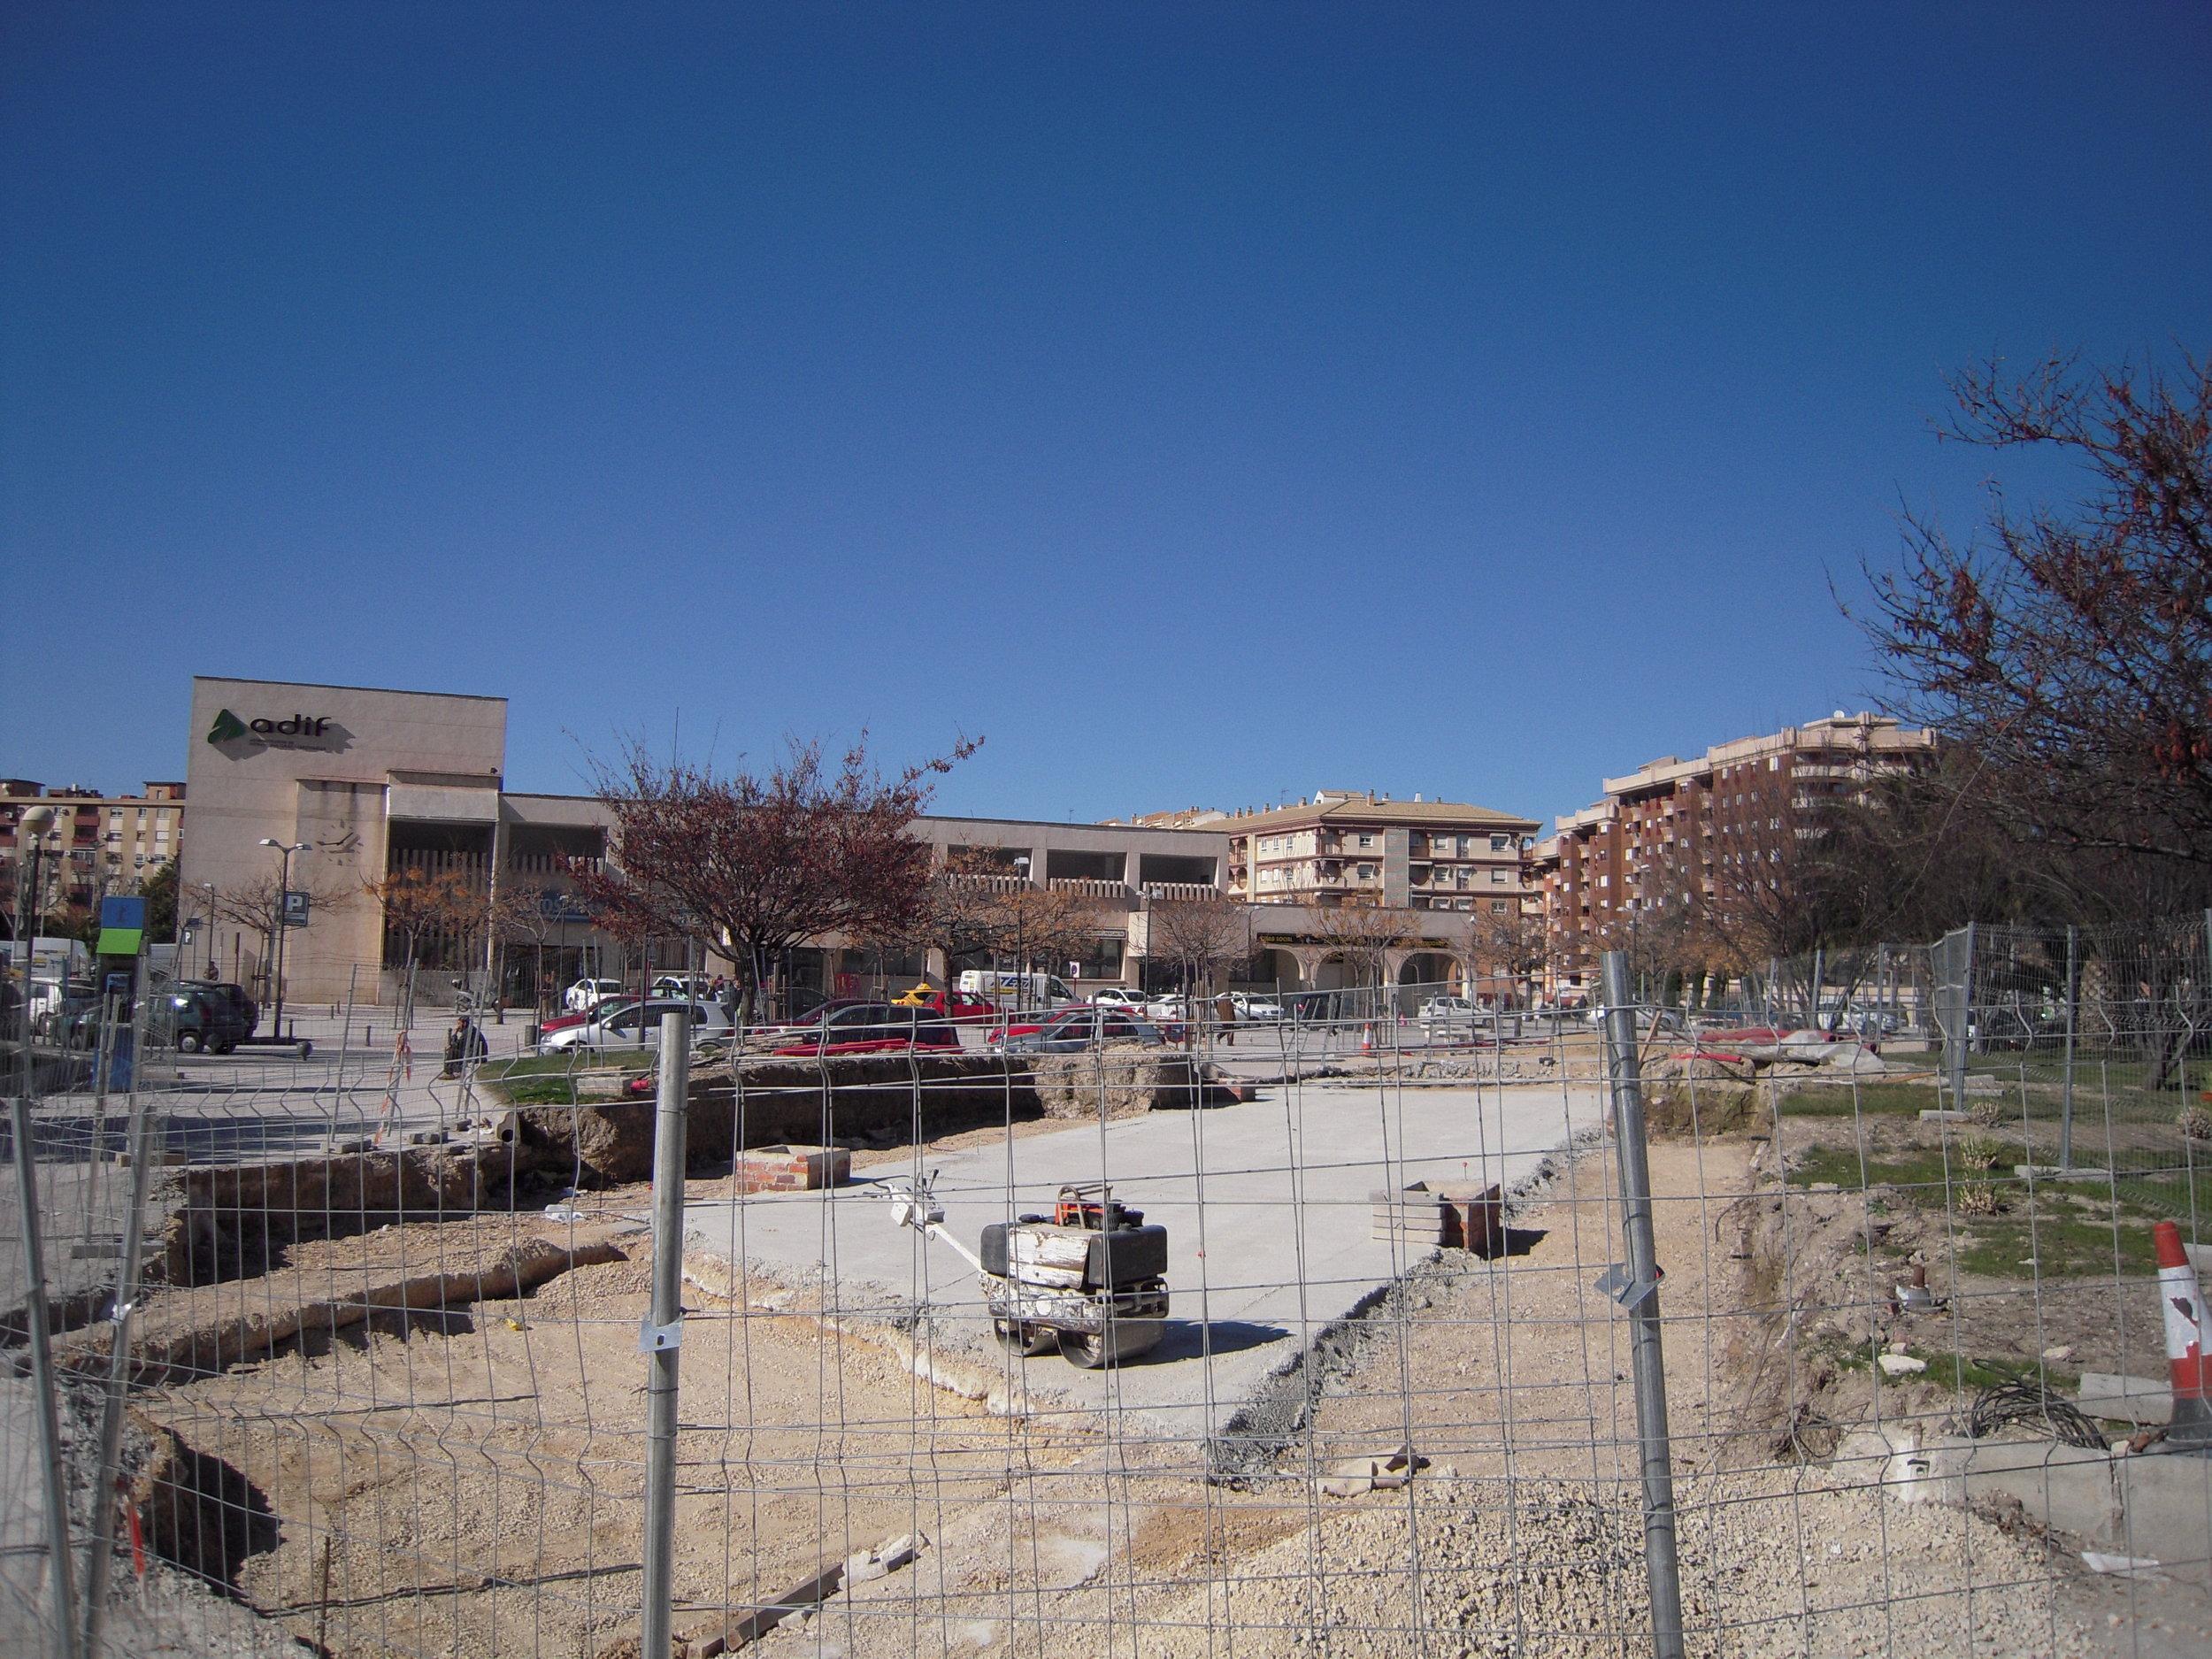 Stavba tramvajové trati v Jaénu na snímku ze dne 1. února 2010 pořízeném u tamní hlavové železniční stanice.